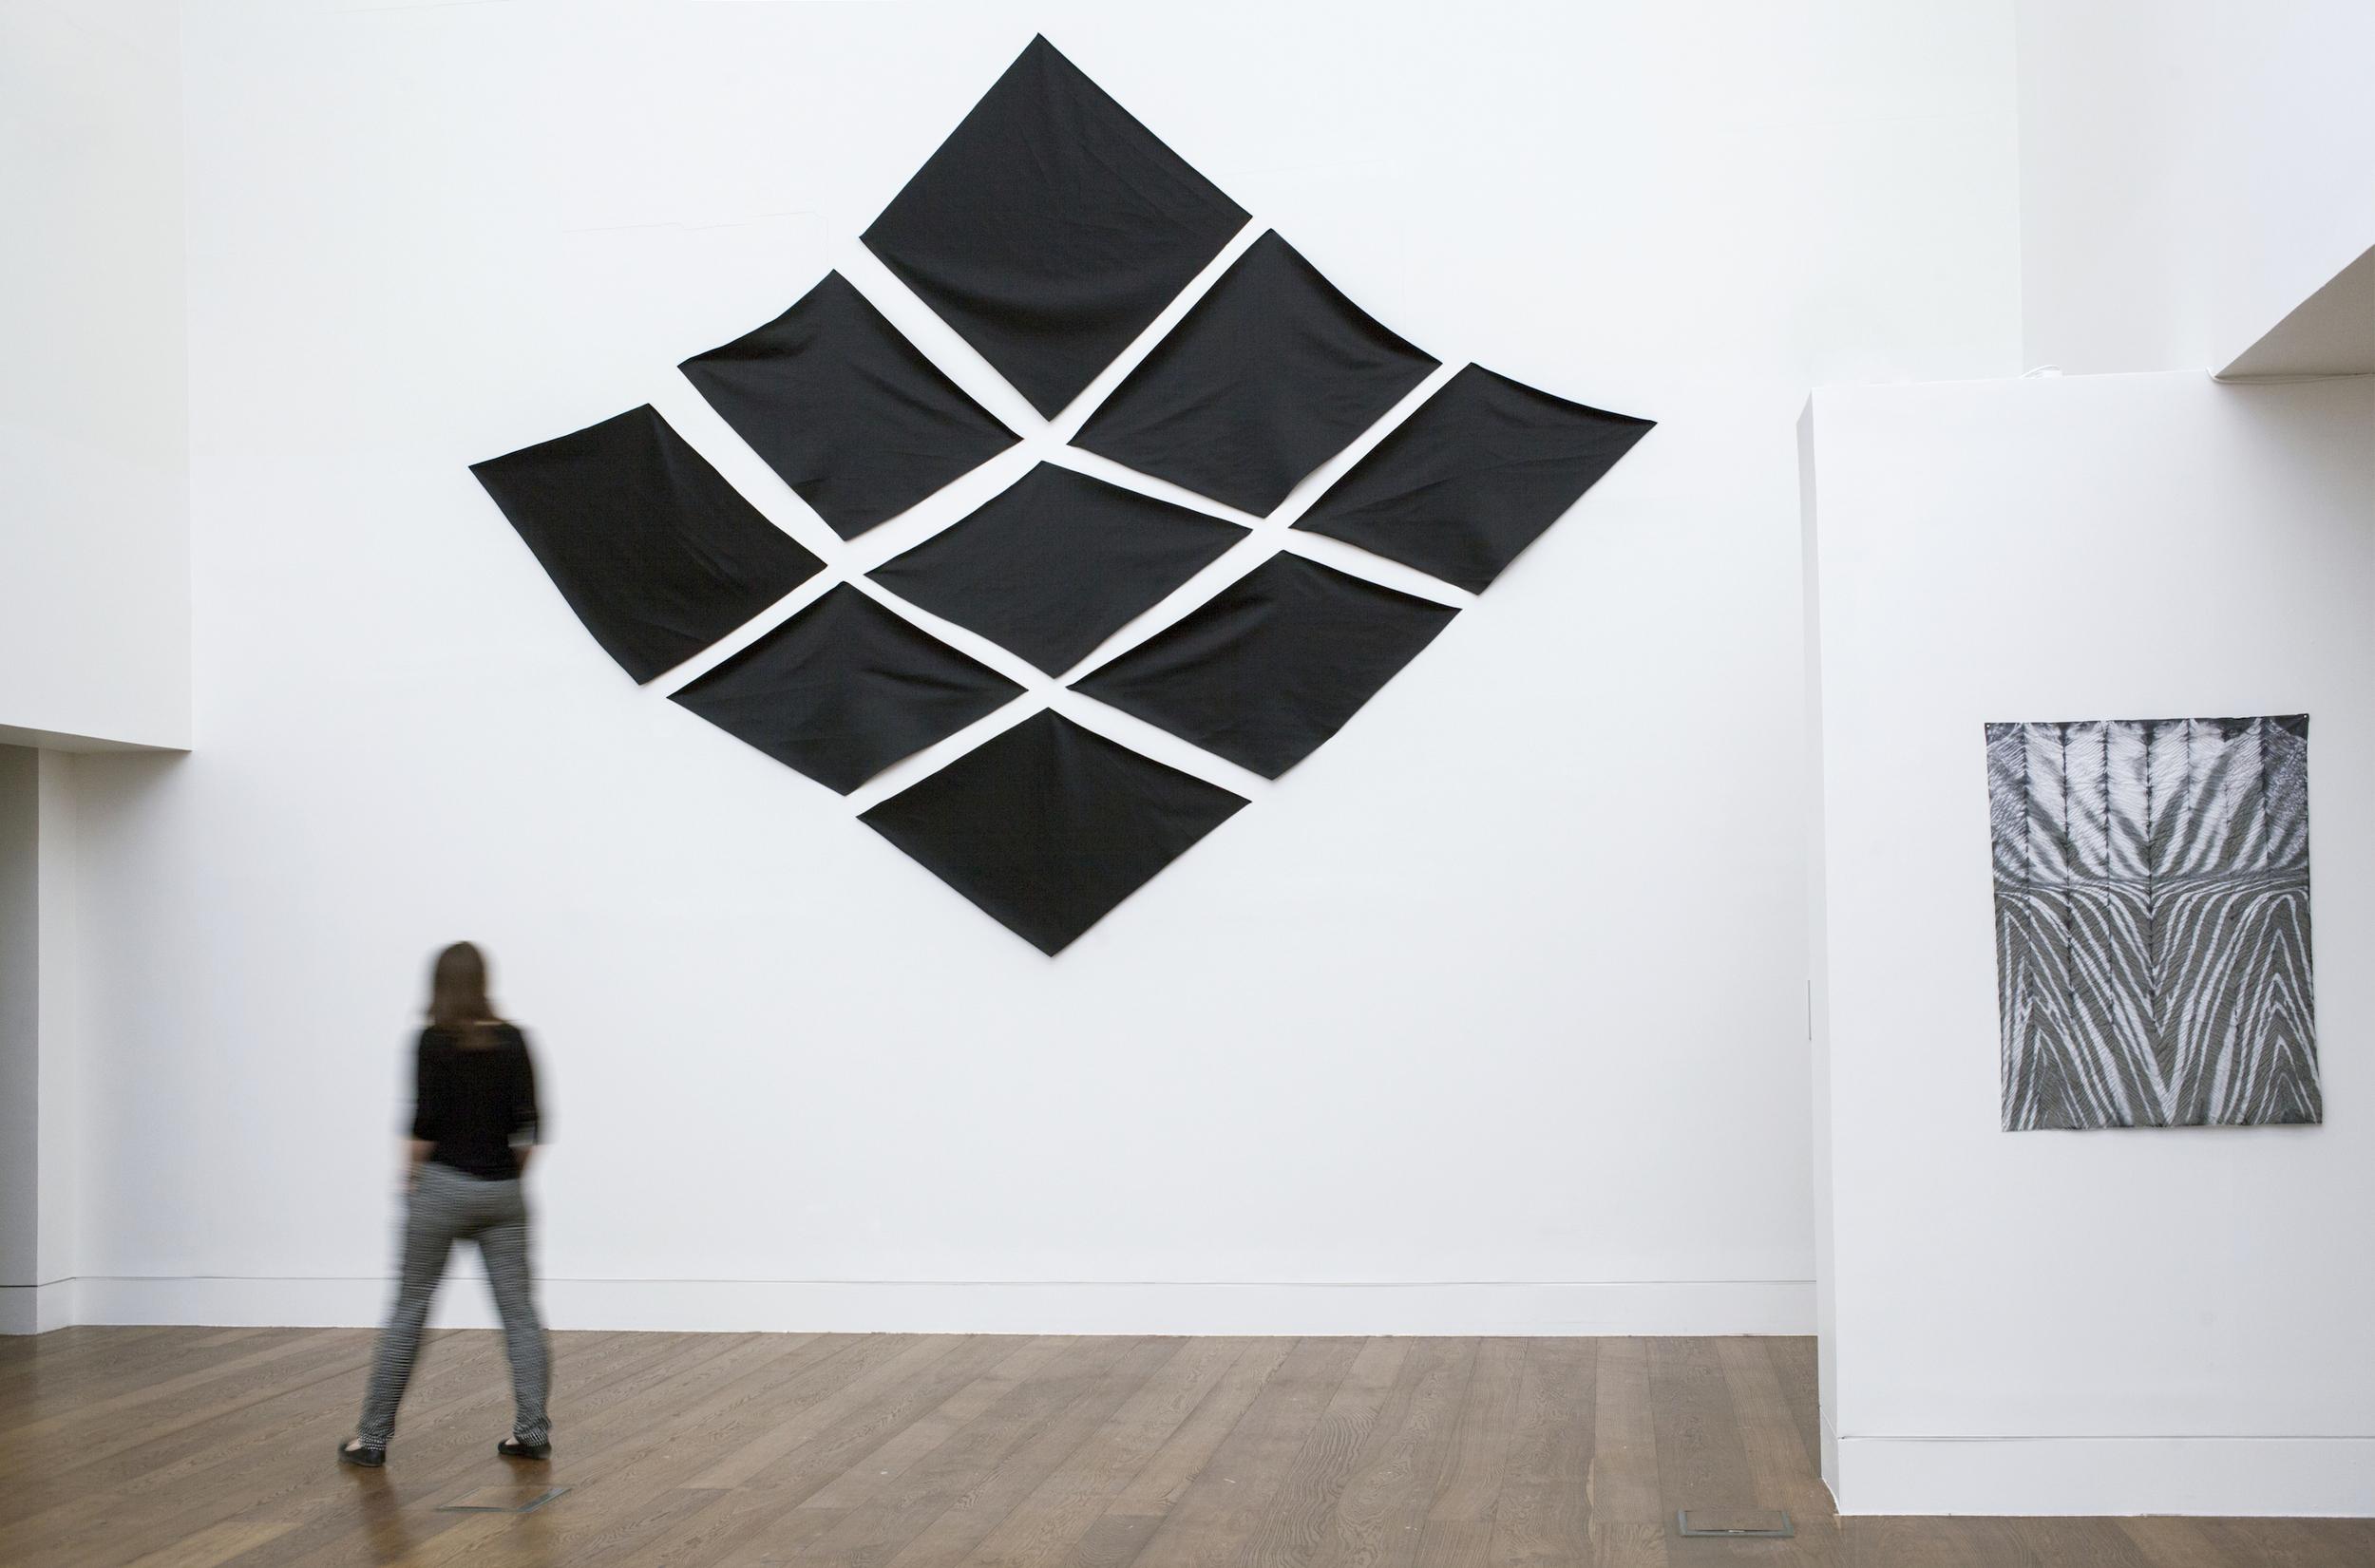 Facade , 2015  fabric on wall  15 x 20 feet